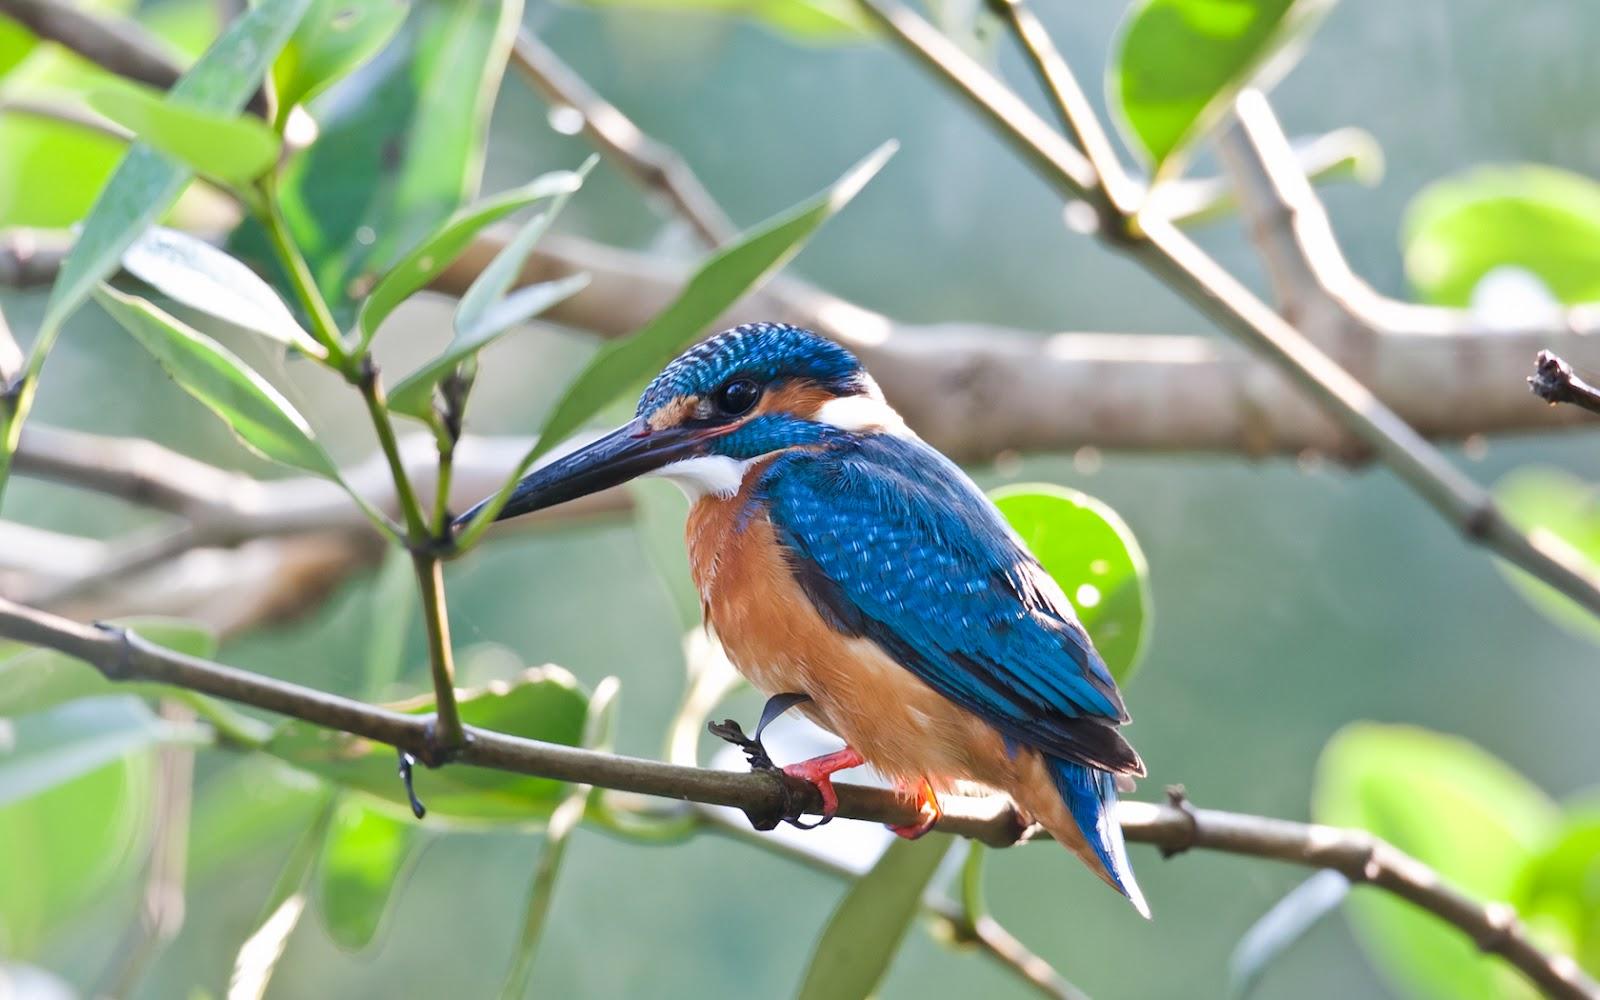 http://2.bp.blogspot.com/-jddu5Rzz_9A/T0fDoQNJScI/AAAAAAAAU7k/qyb2389o5V4/s1600/aves-exoticas_08.jpg